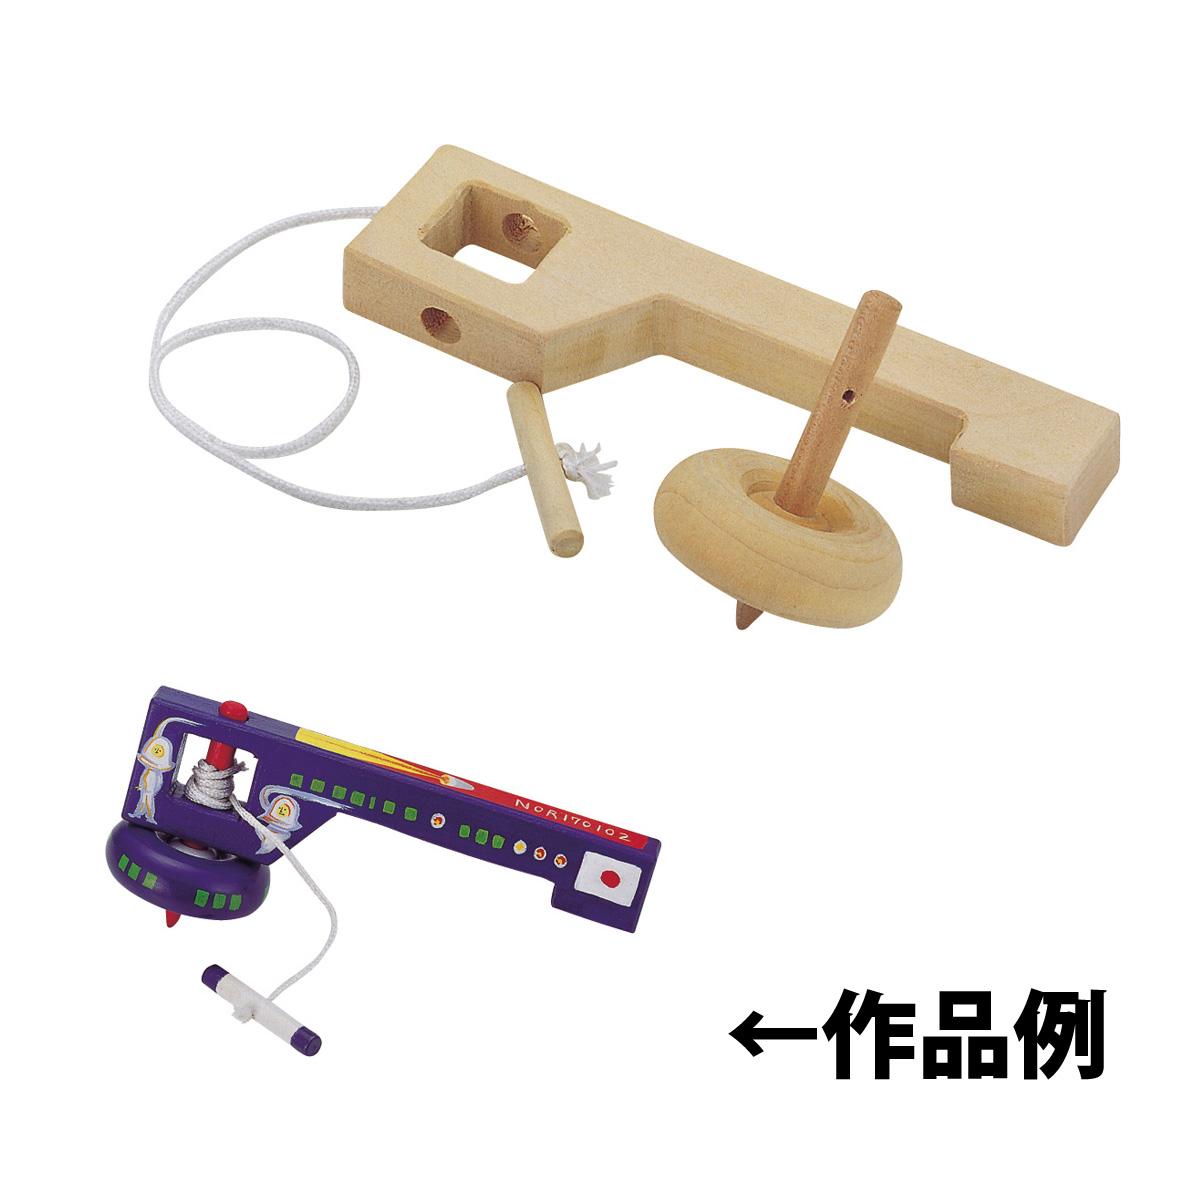 リールゴマ コマ 知育玩具 教育 クリスマスプレゼント